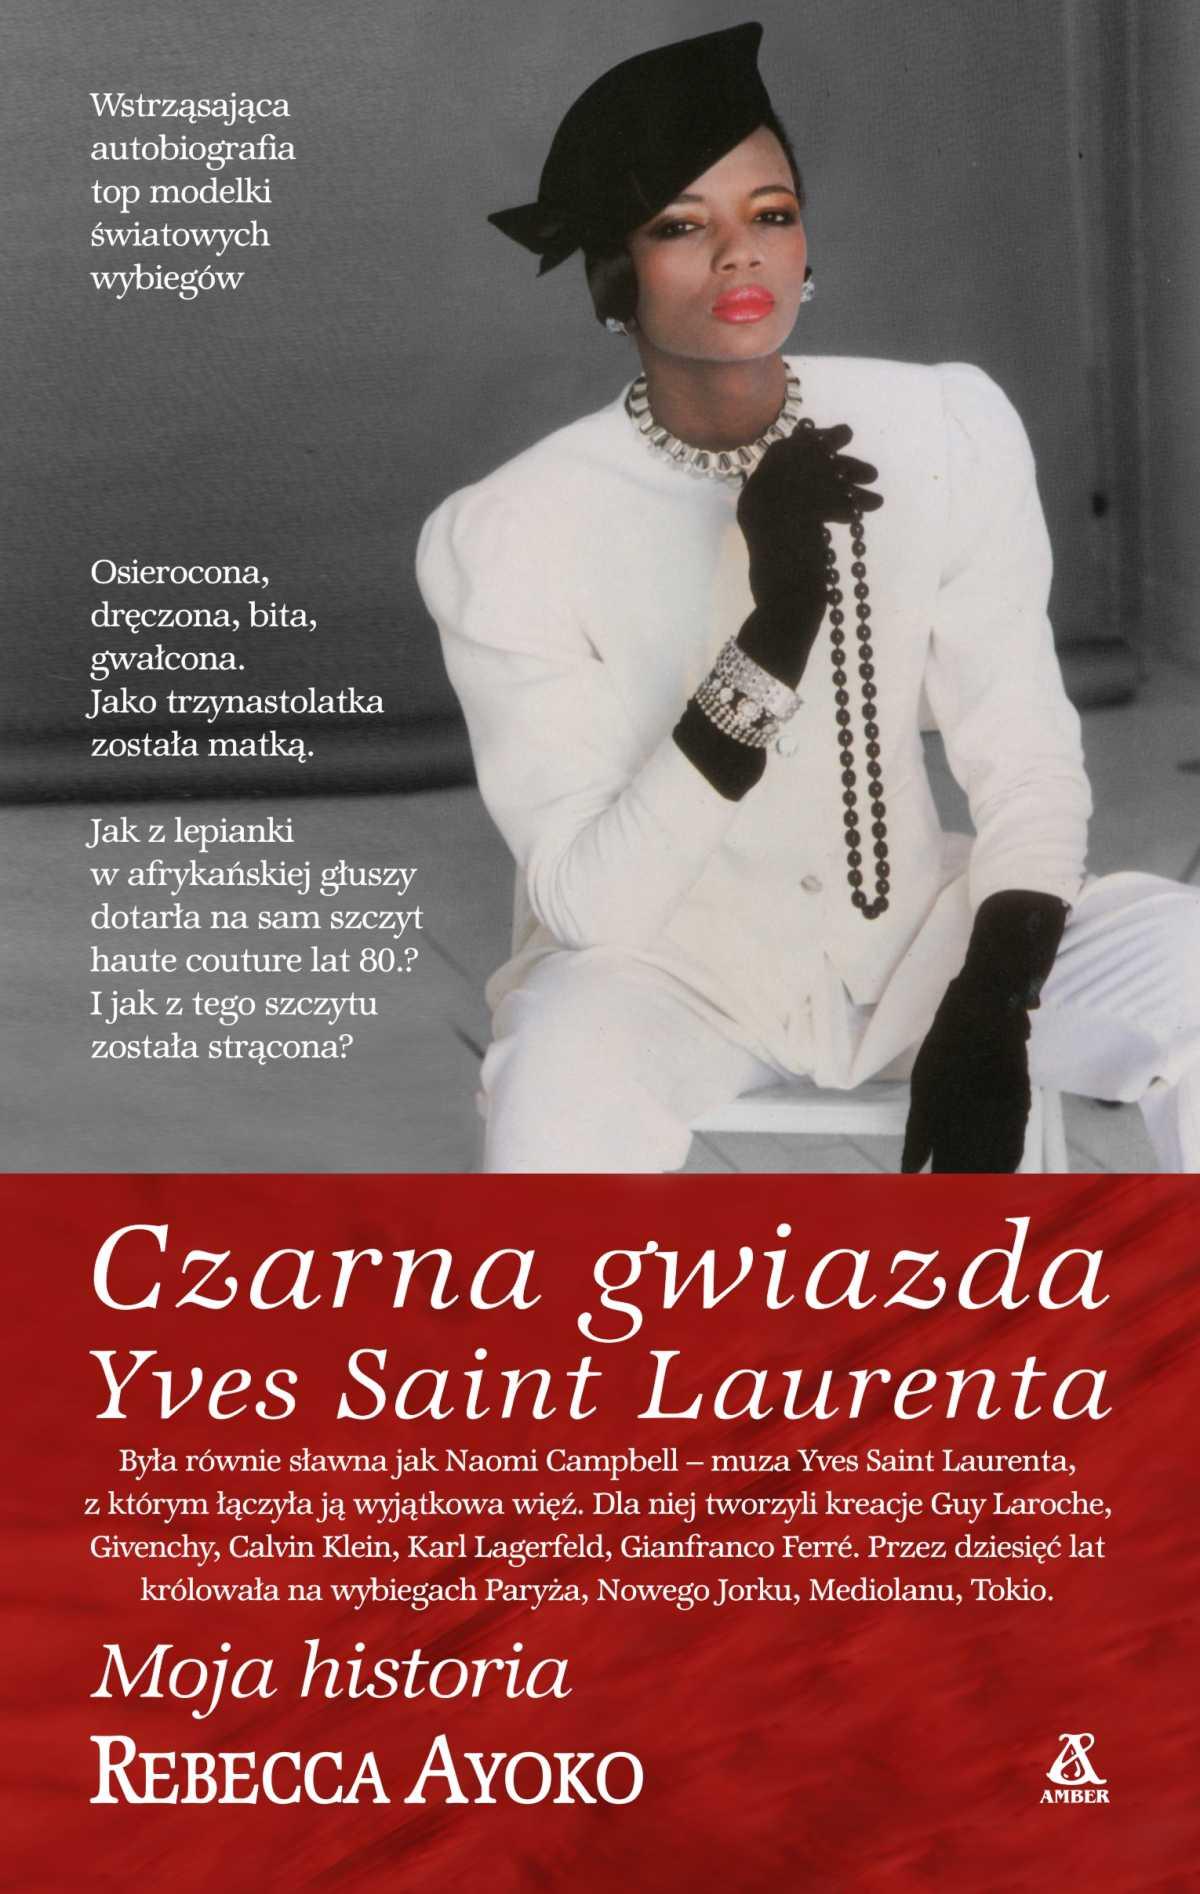 Czarna gwiazda Yves Saint Laurenta - Ebook (Książka EPUB) do pobrania w formacie EPUB